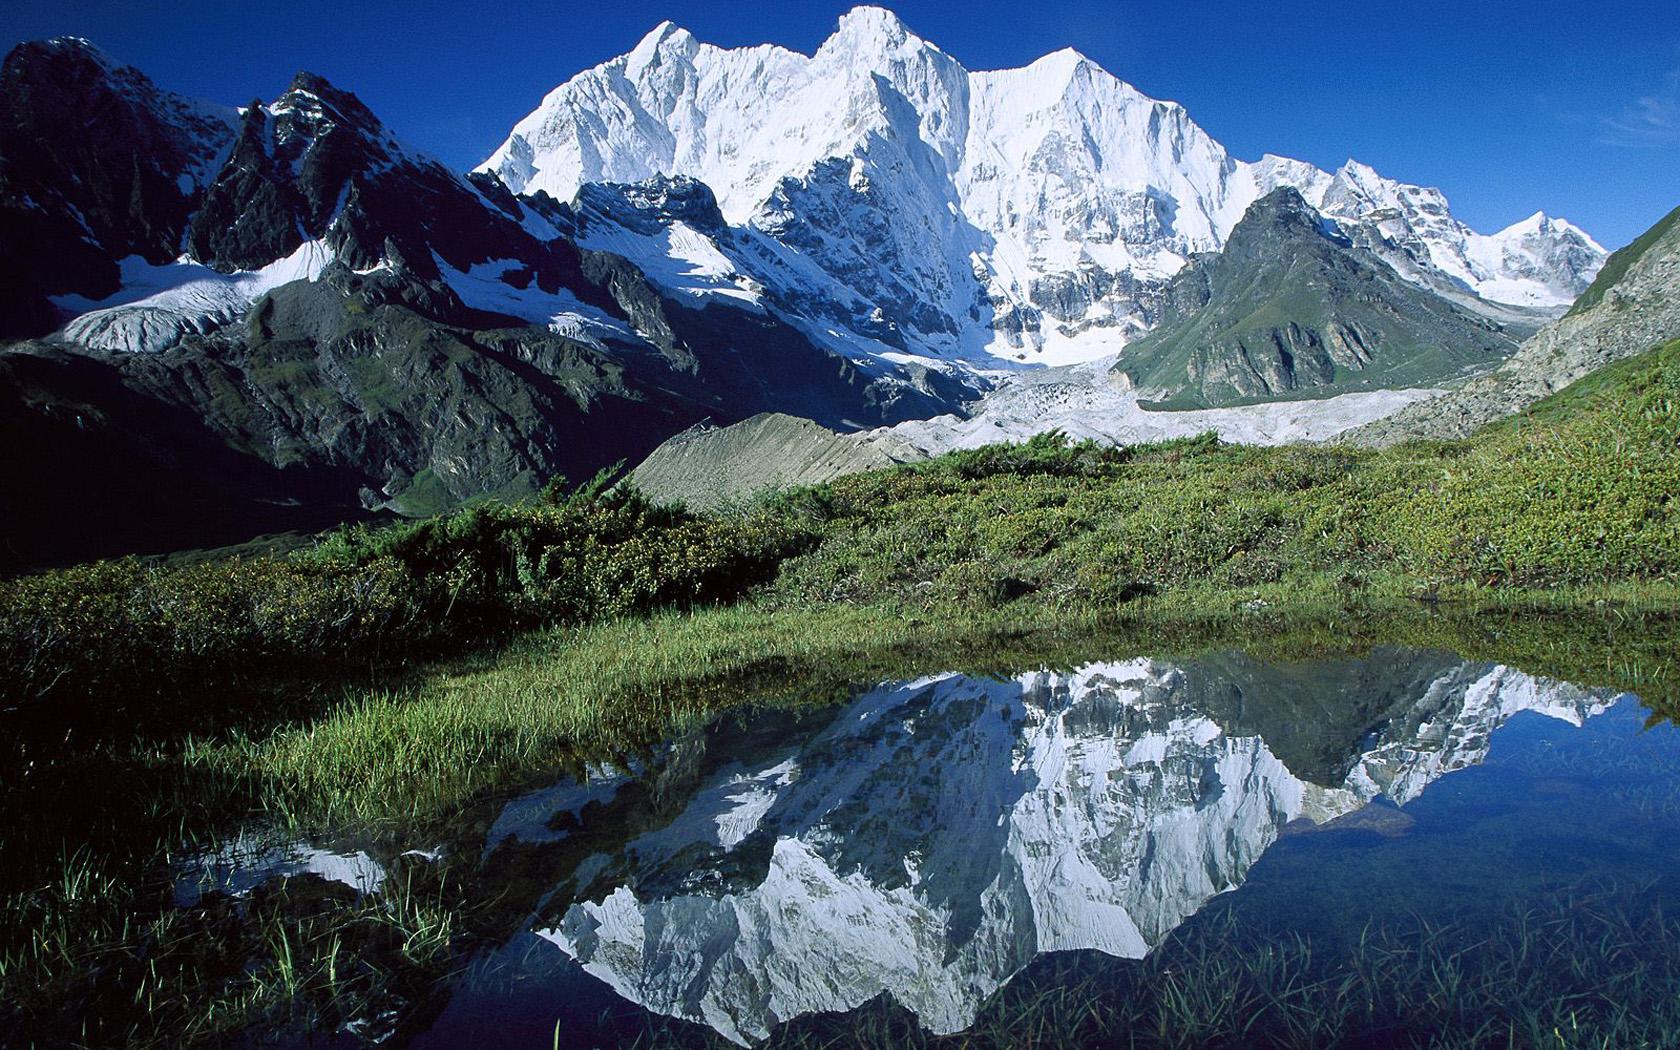 去西藏旅游时,值得带的8种特产,每一种都极具特色